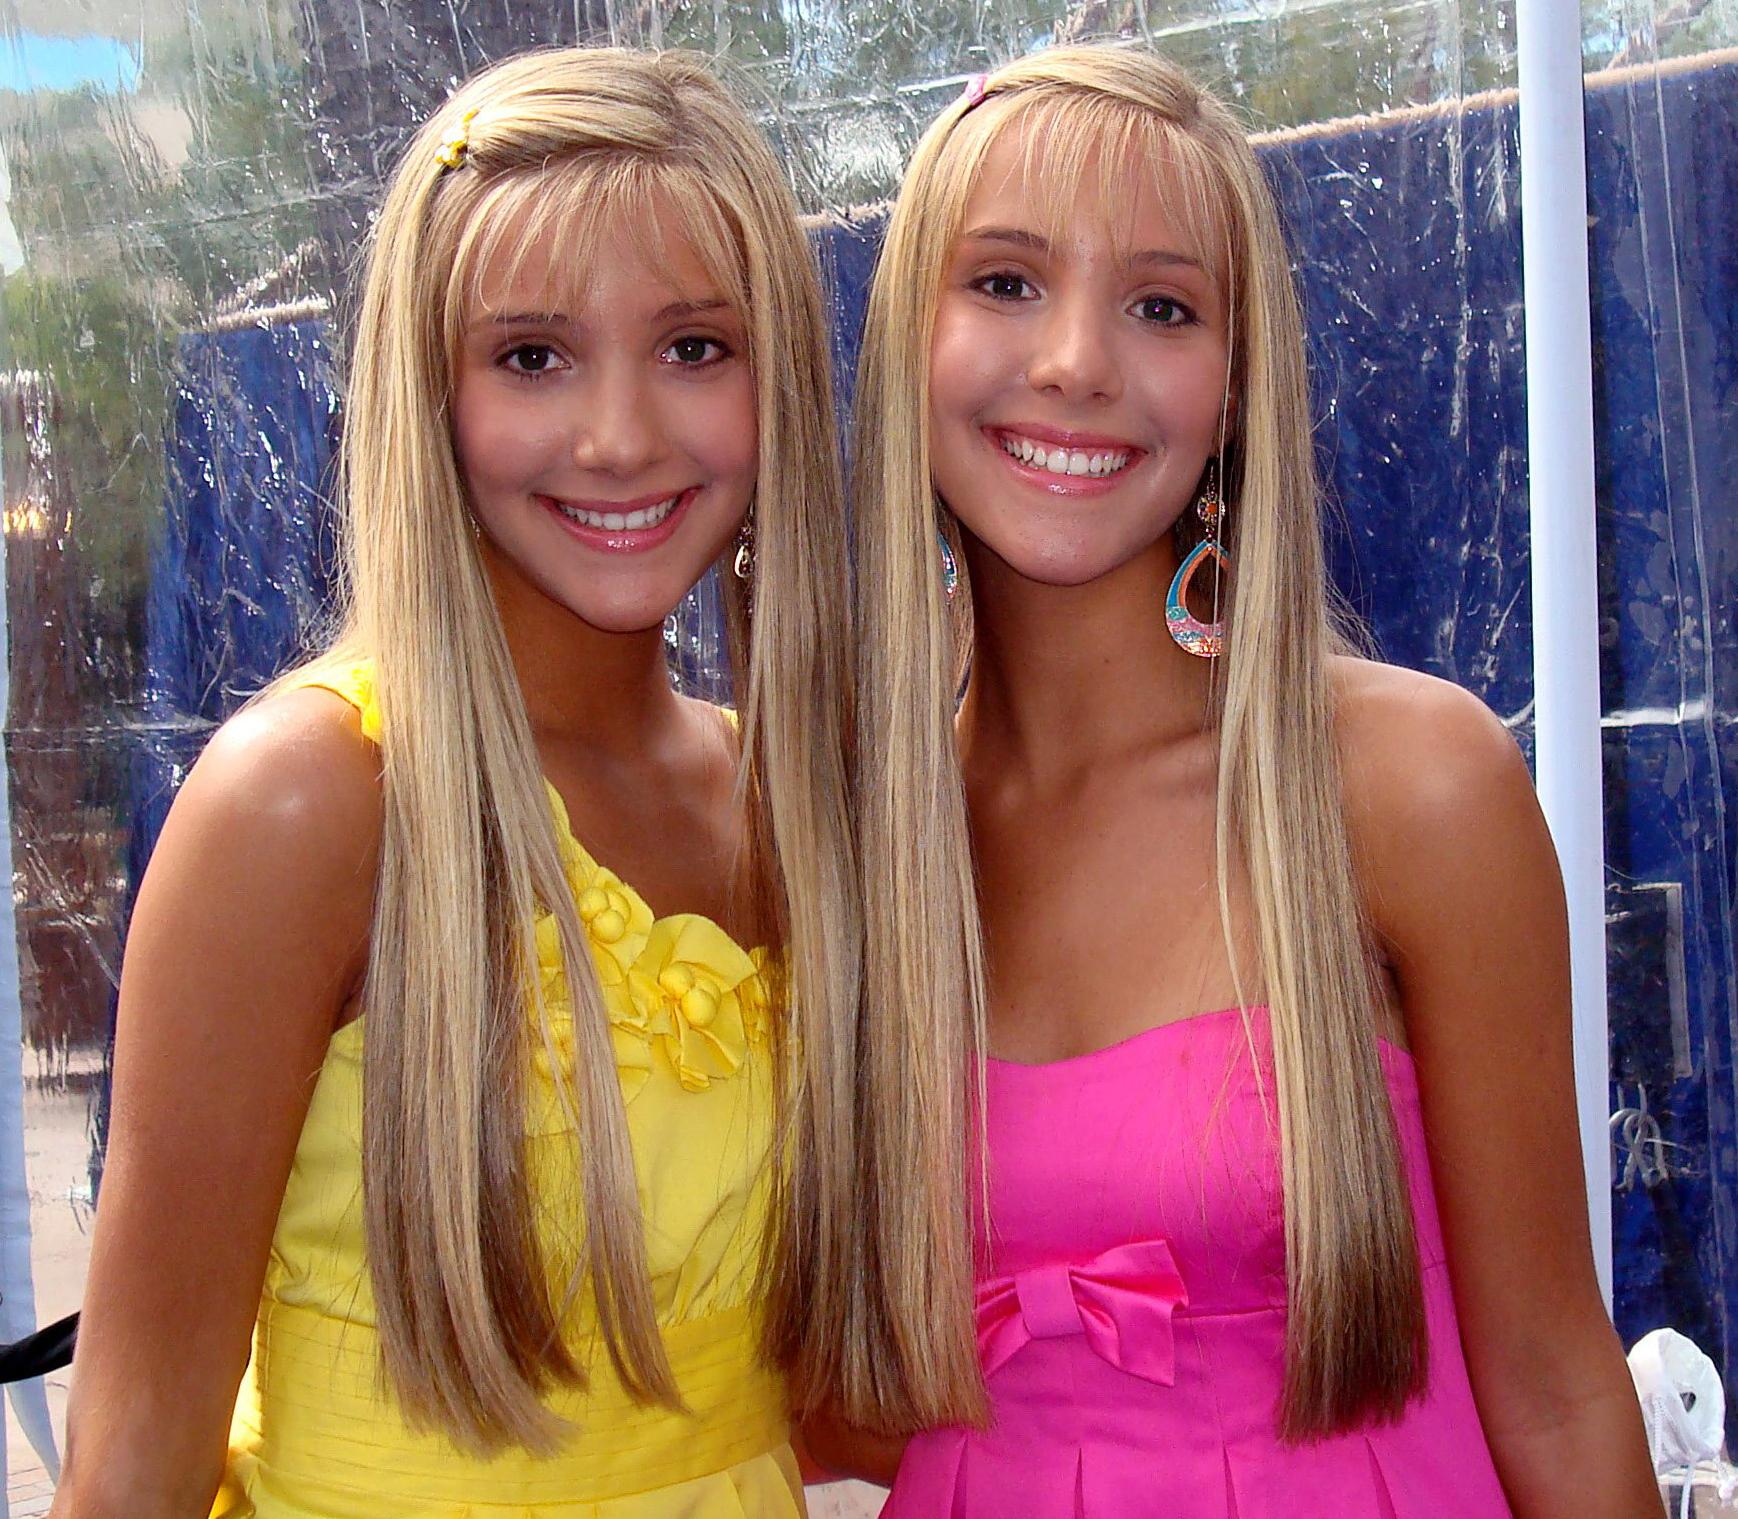 Google und Bing finden folgende Bilder zu Camilla und Rebecca Rosso